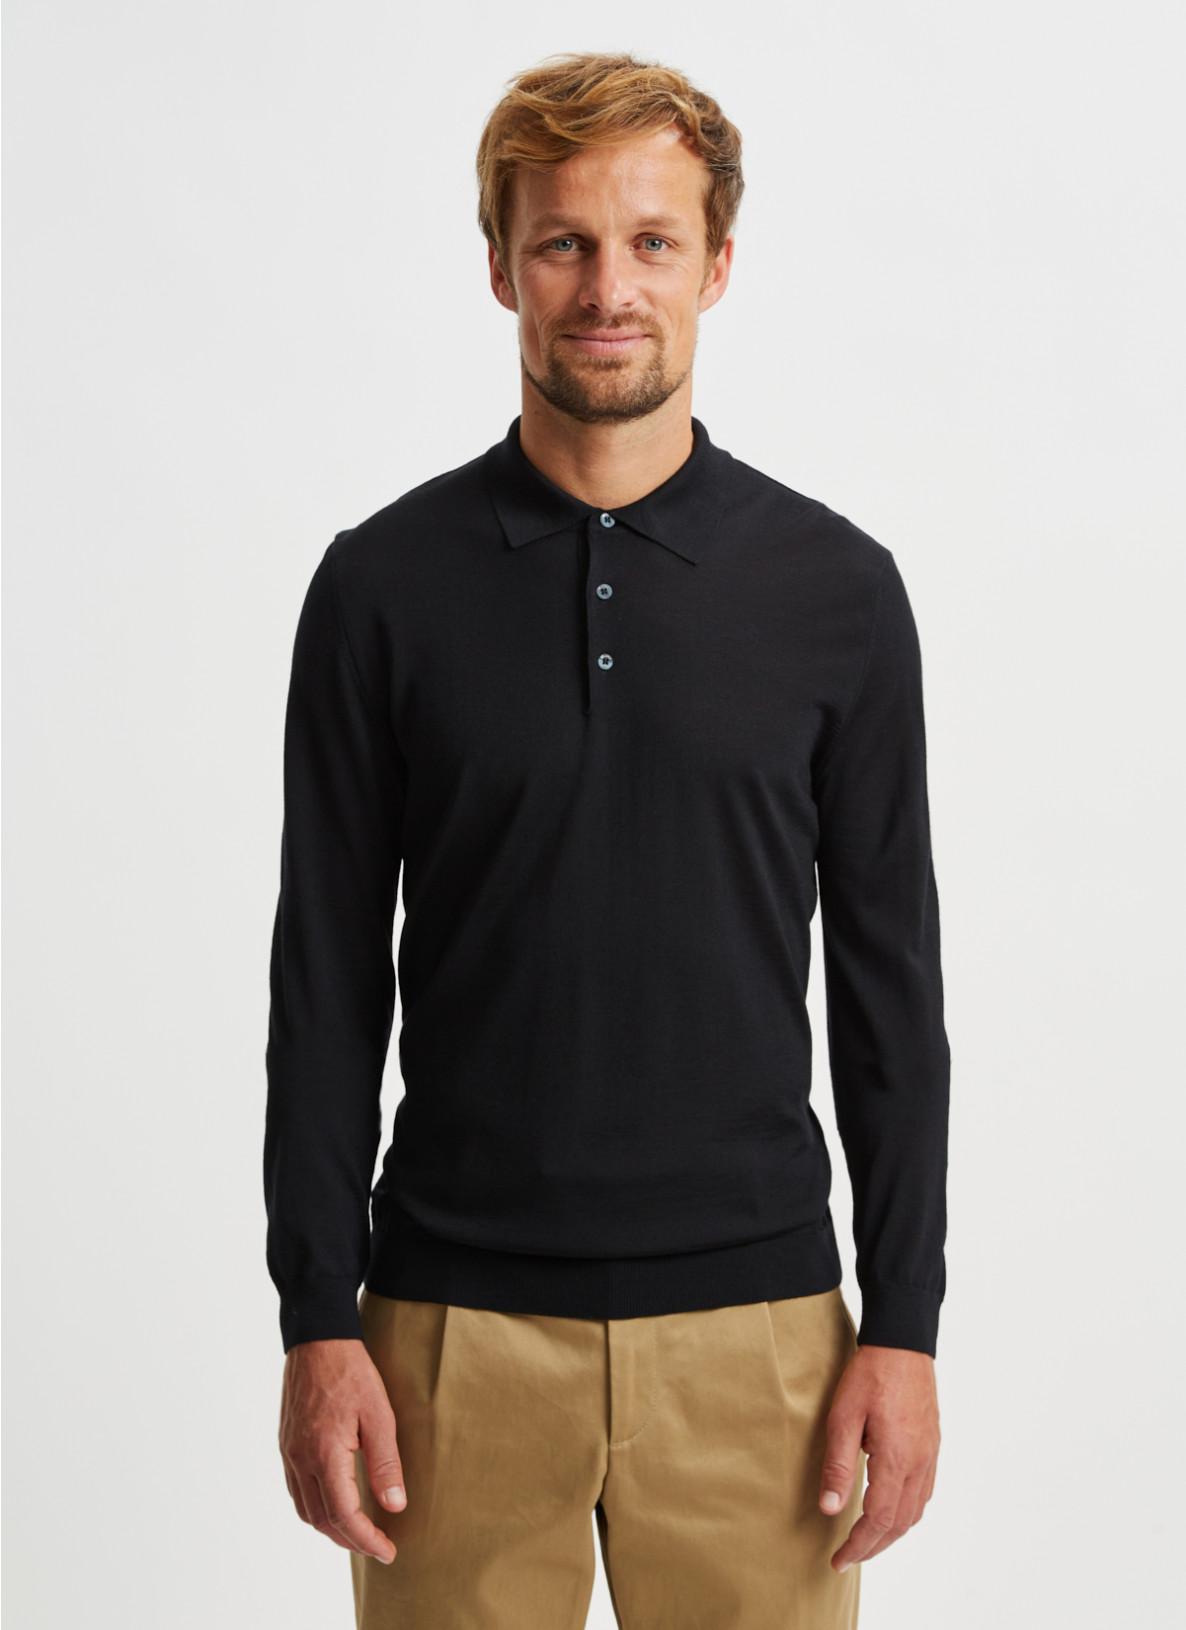 Pullover Polokragen, Knopf 1/1 Arm, BlackFrontansicht